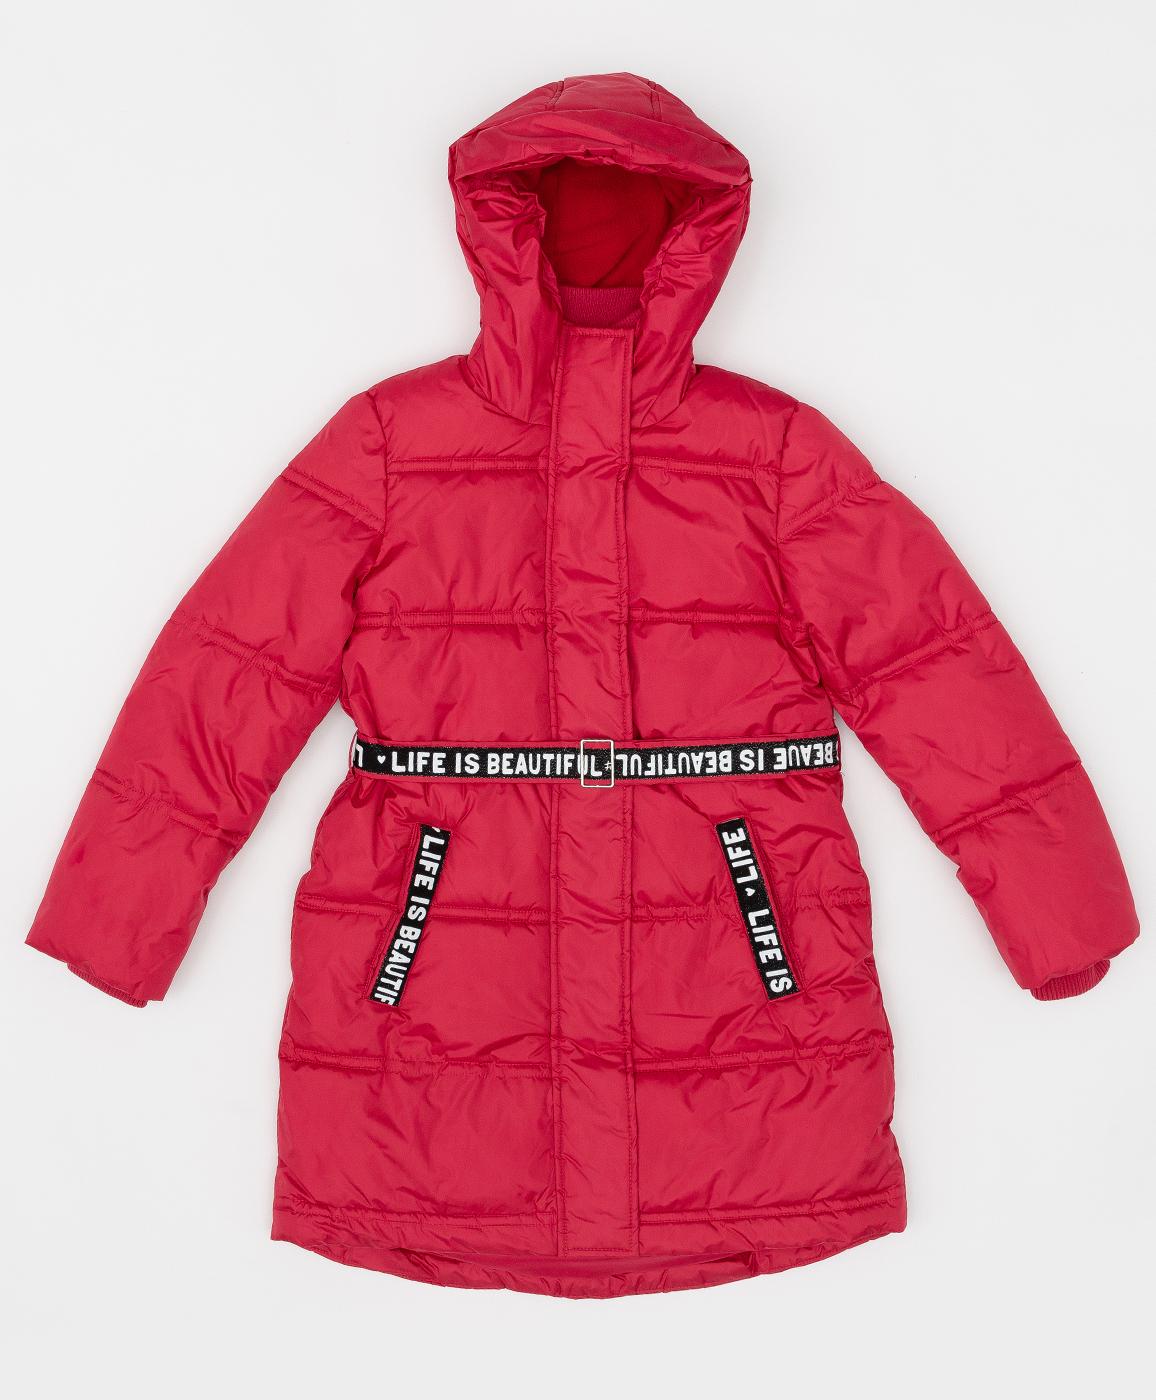 Купить 220BBGJC45023500, Розовое зимнее пальто с поясом Button Blue, розовый, 146, Полиэстер, Женский, Зима, ОСЕНЬ/ЗИМА 2020-2021 (shop: GulliverMarket Gulliver Market)